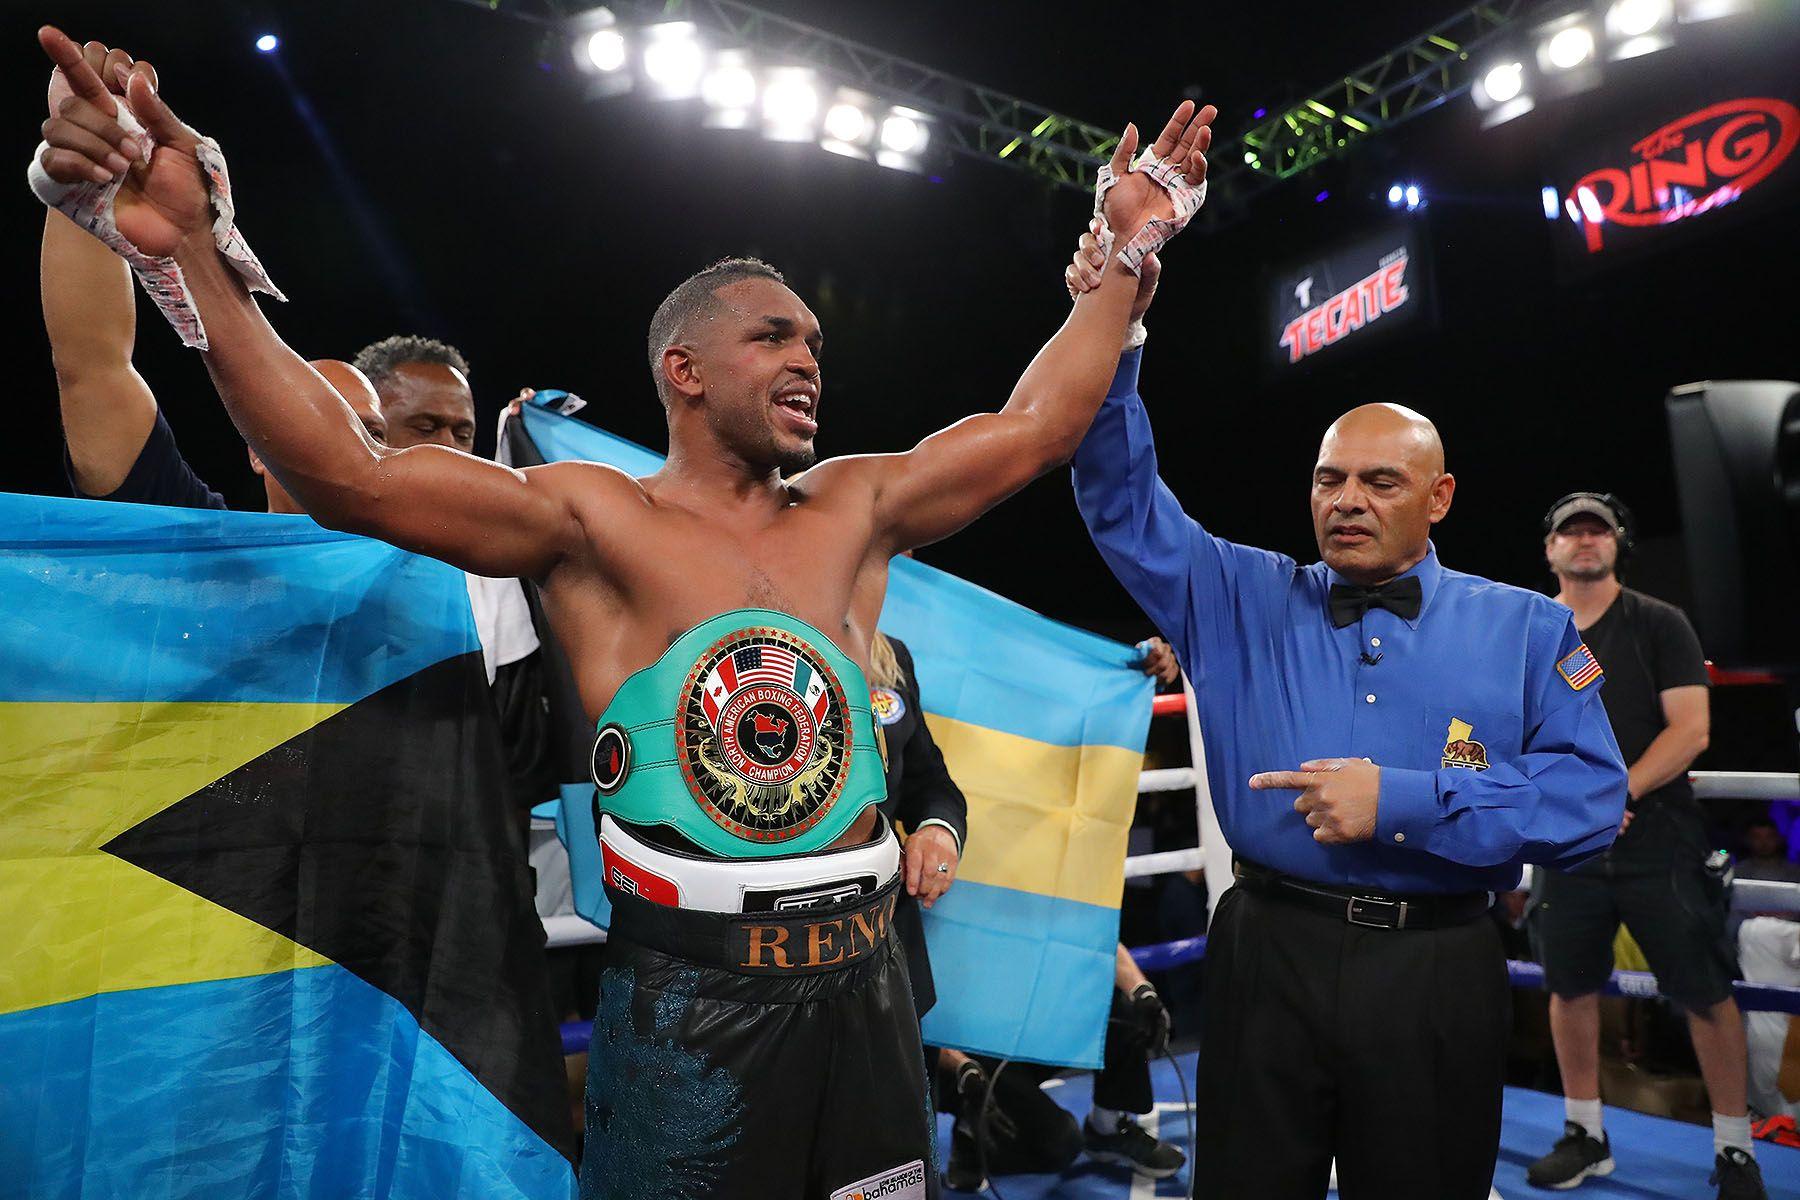 Johnson set to face Munguia on October 30